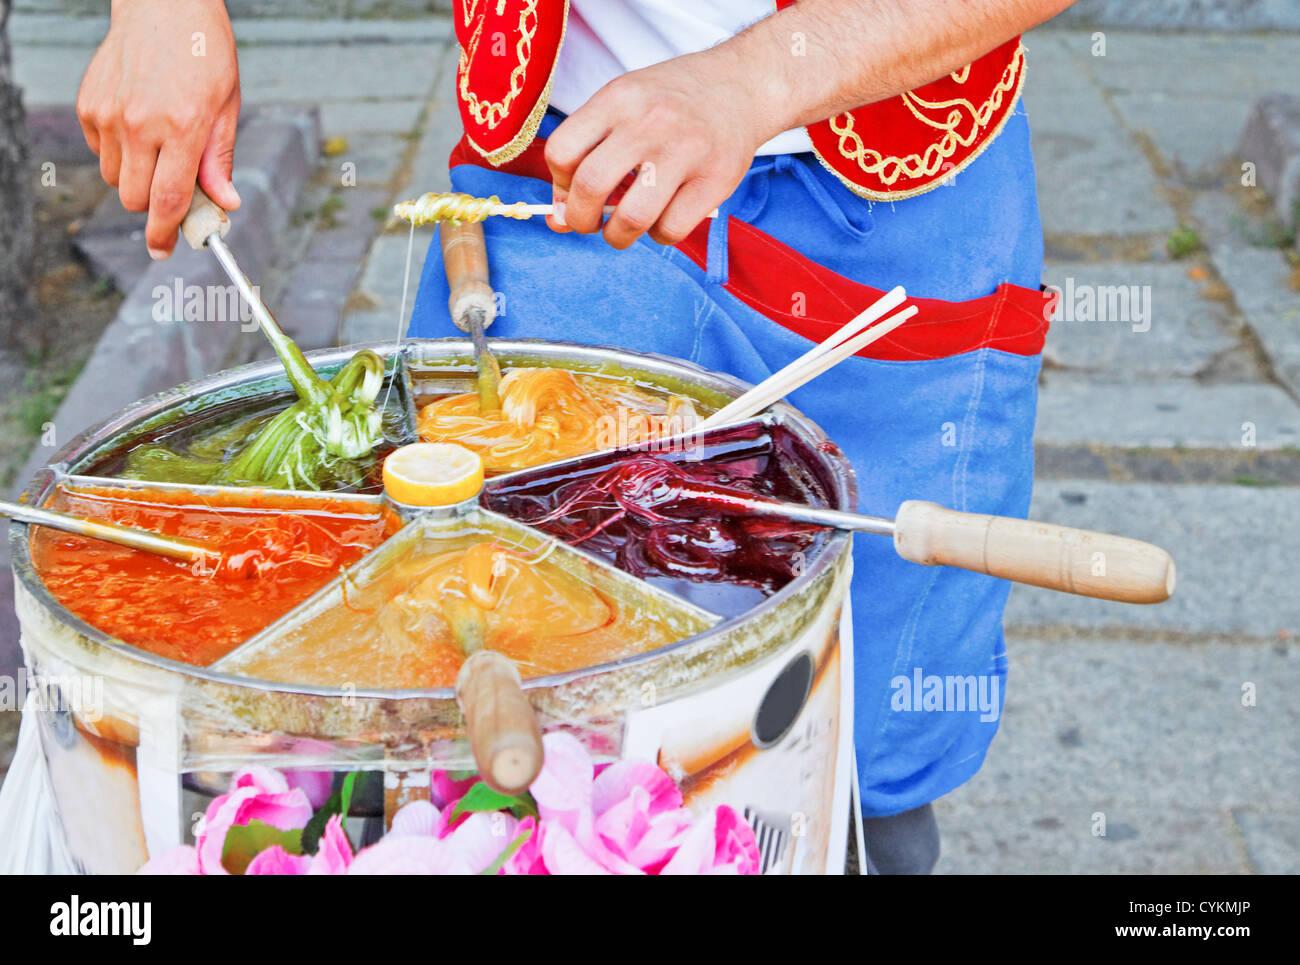 Erfreut Türkei Färbung Bilder Ideen - Beispiel Wiederaufnahme ...